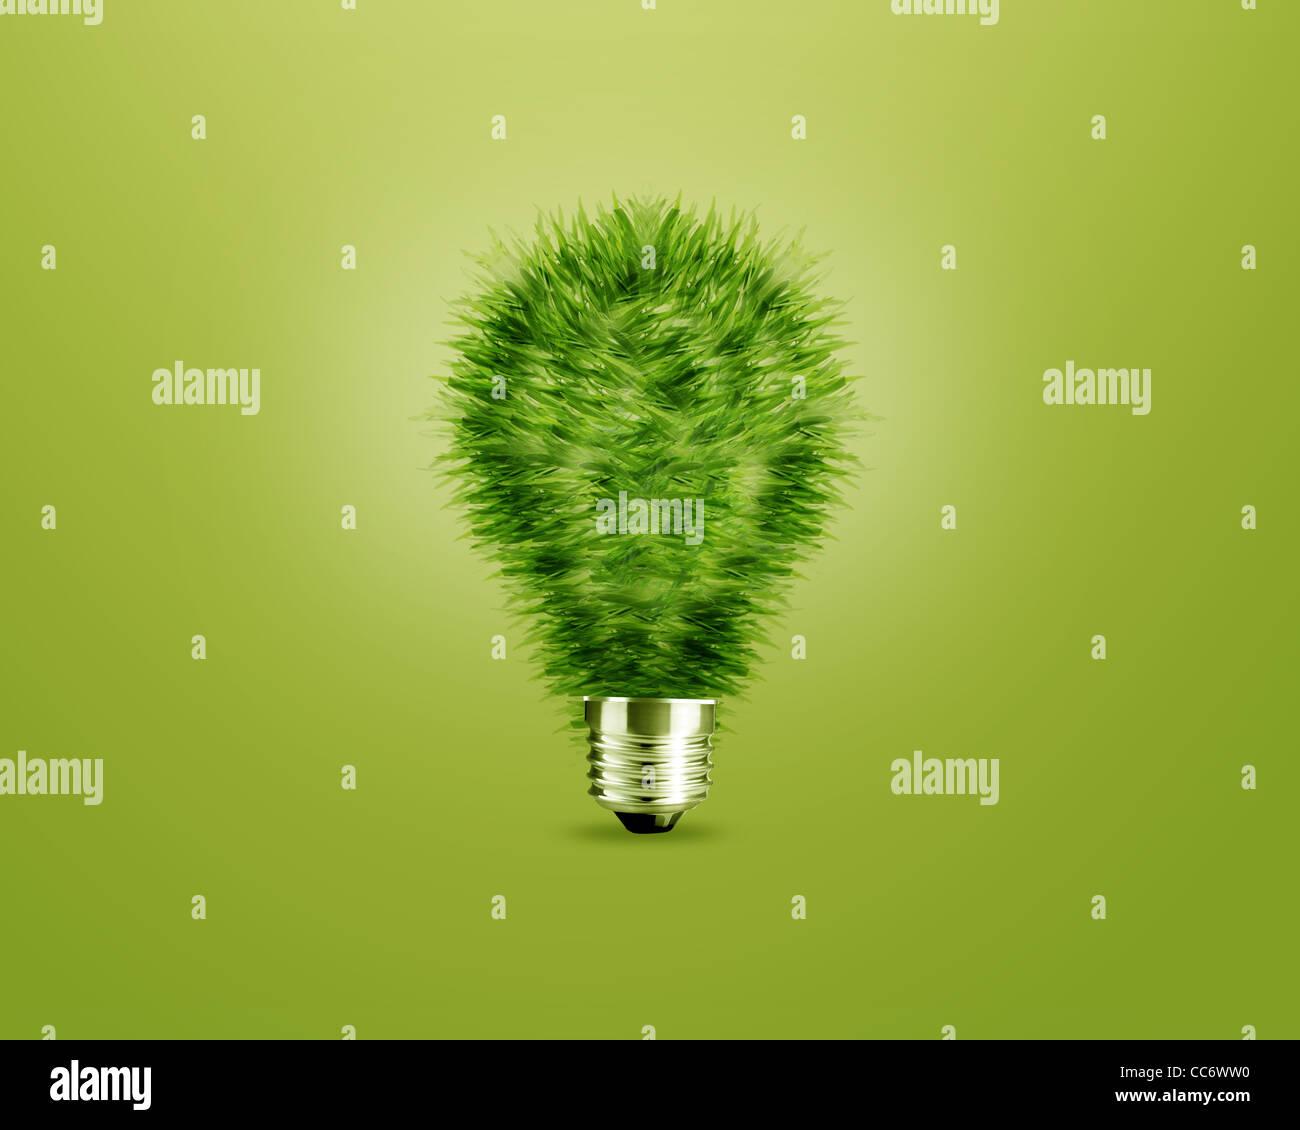 Concept de l'écologie, de l'ampoule du feu vert comme un arbre. Photo Stock